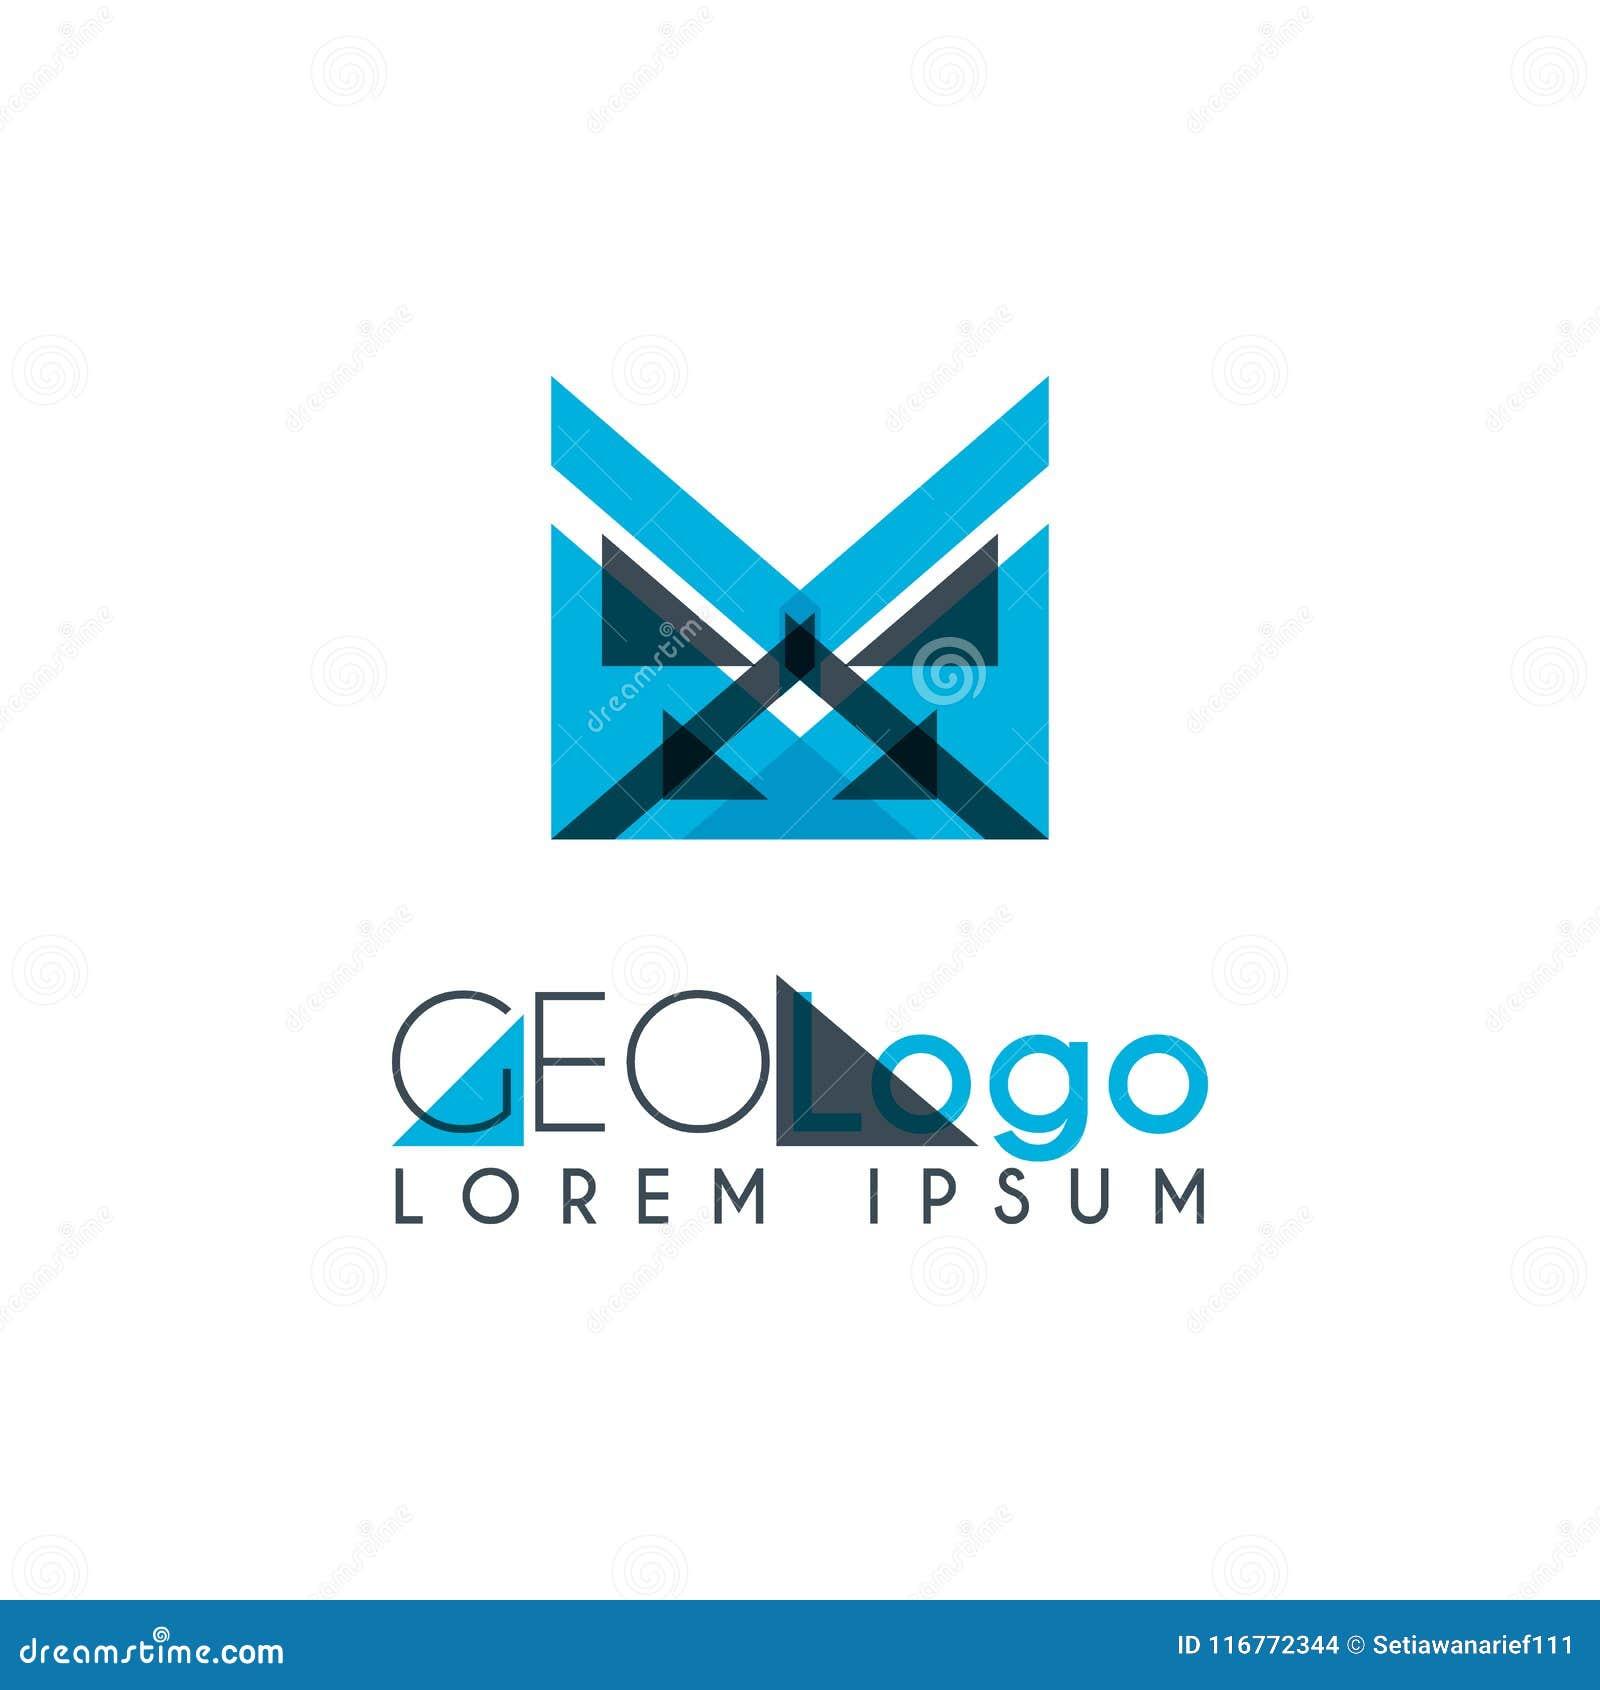 γεωμετρικό λογότυπο με ανοικτό μπλε και γκρίζος που συσσωρεύεται για το σχέδιο 0 6